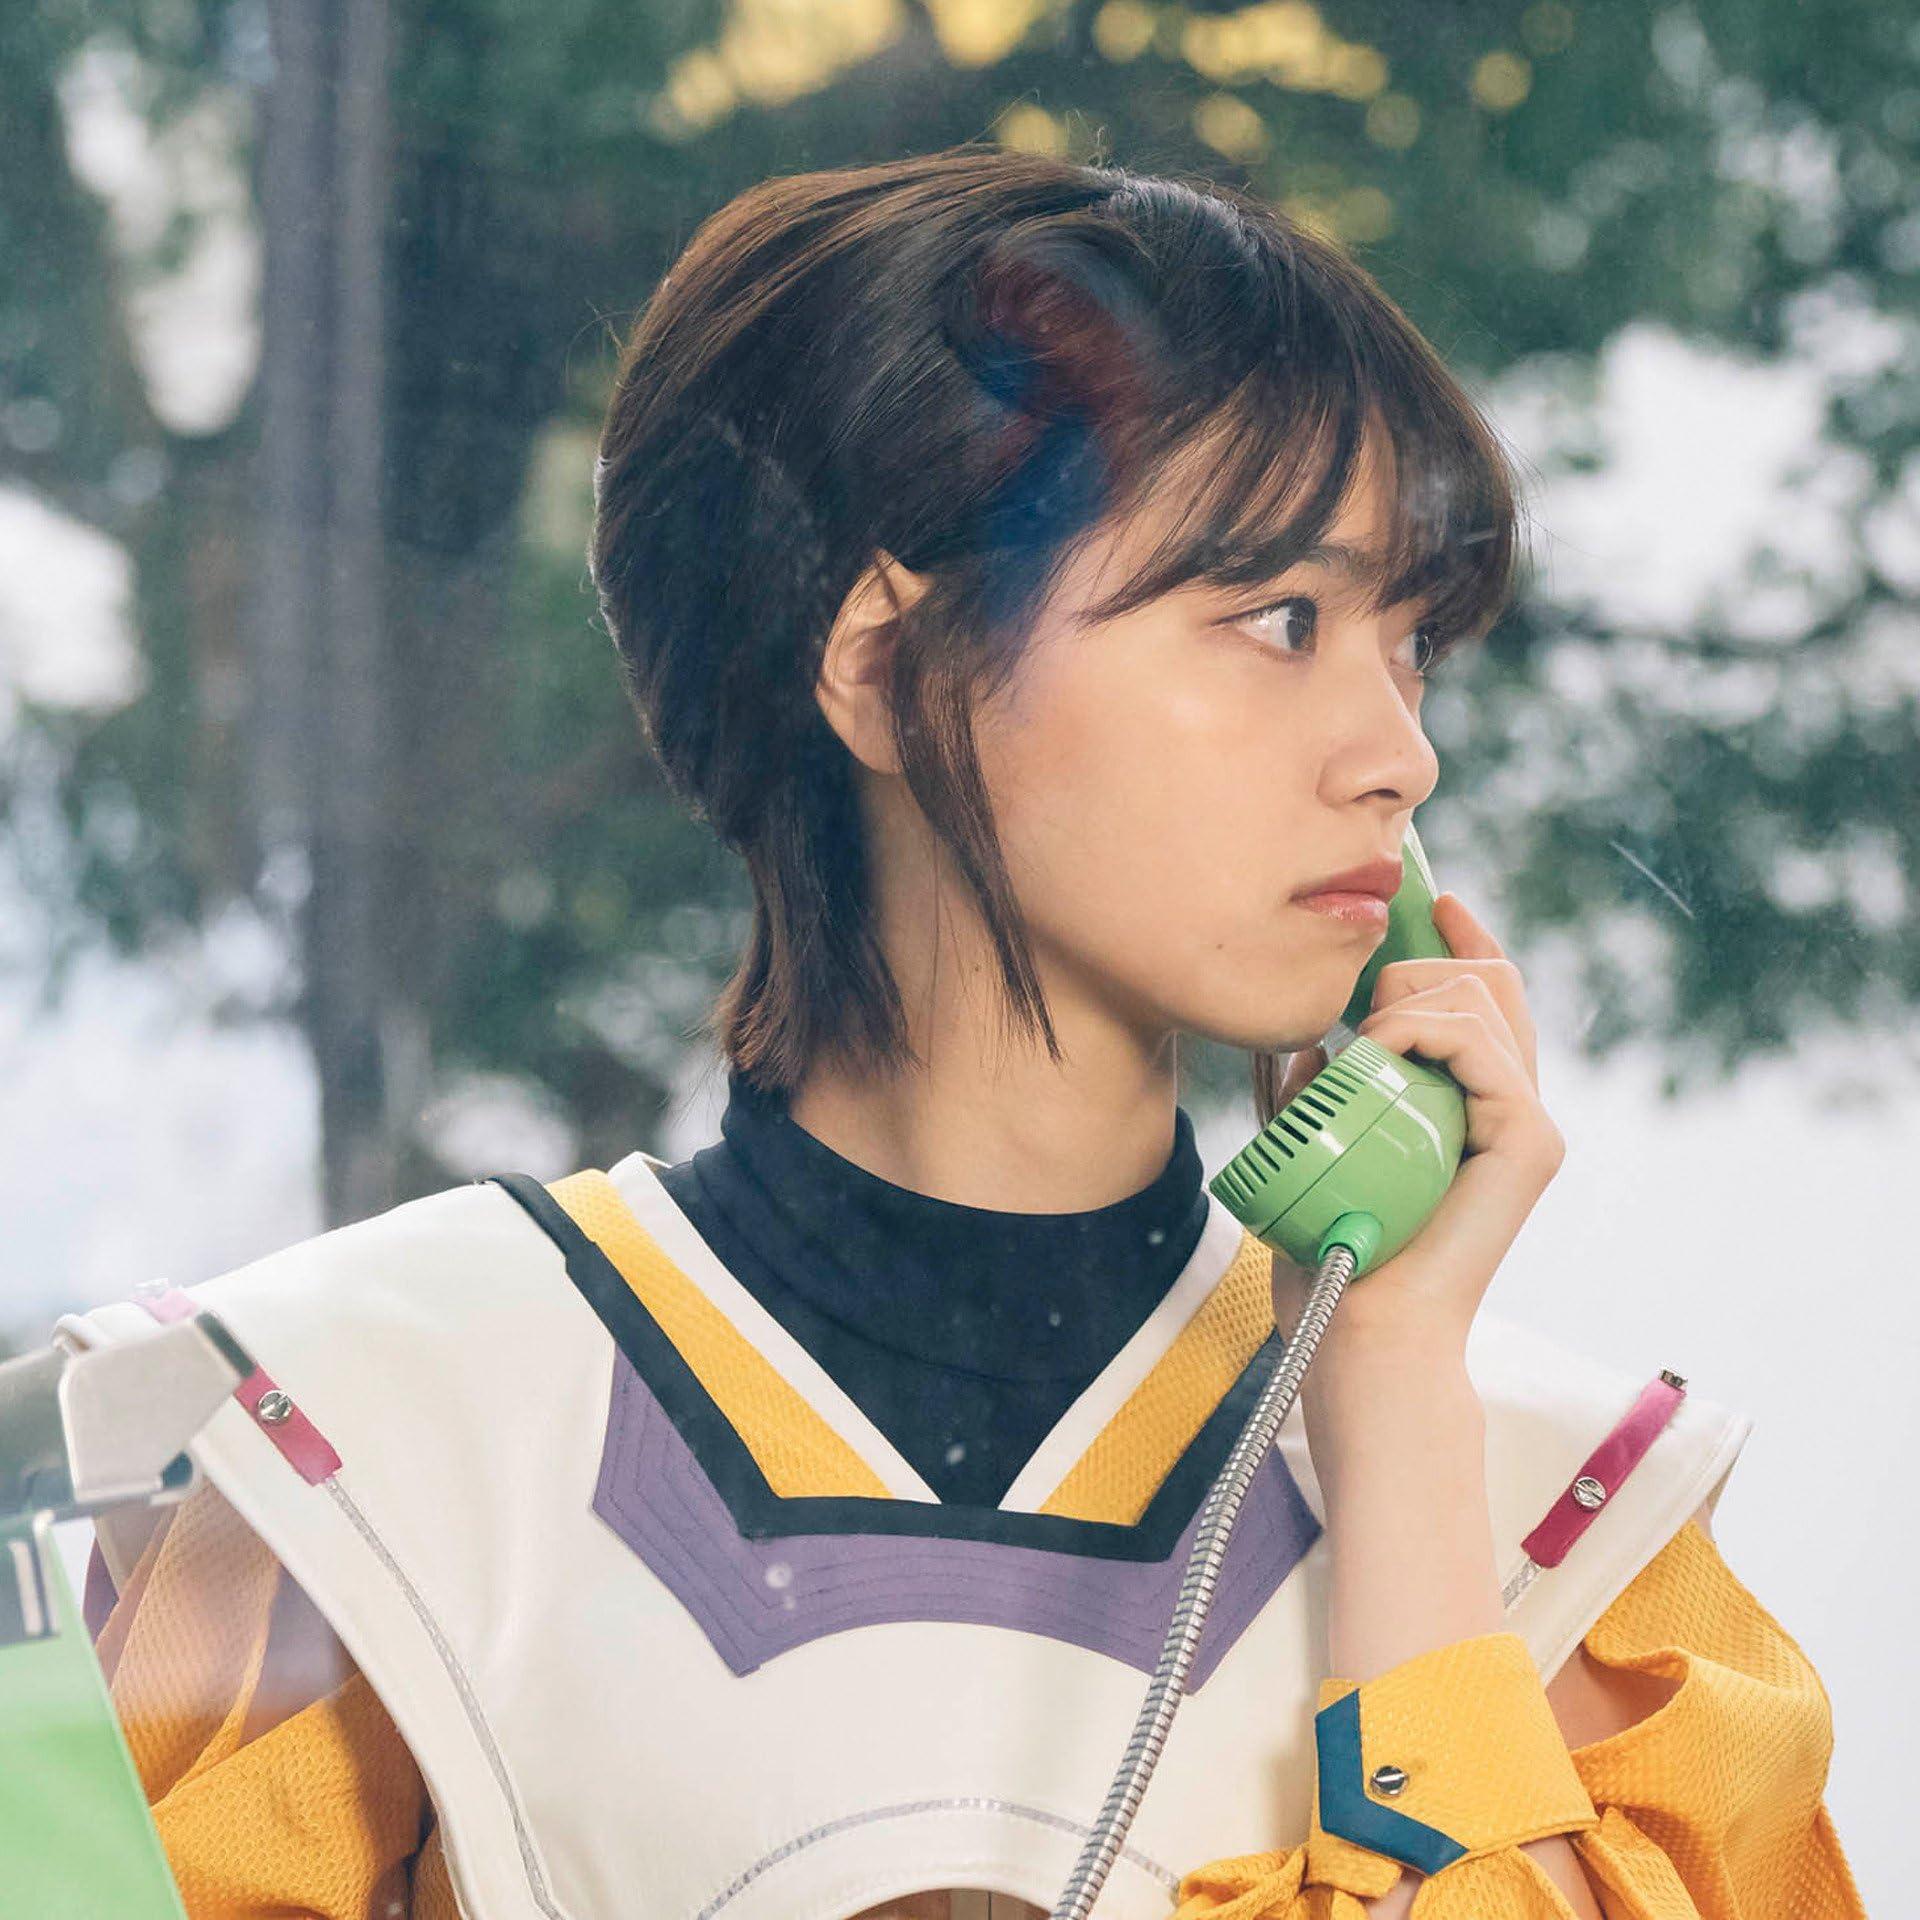 乃木坂46 Ipad壁紙 天野アイ 西野七瀬 女性タレント スマホ用画像85634